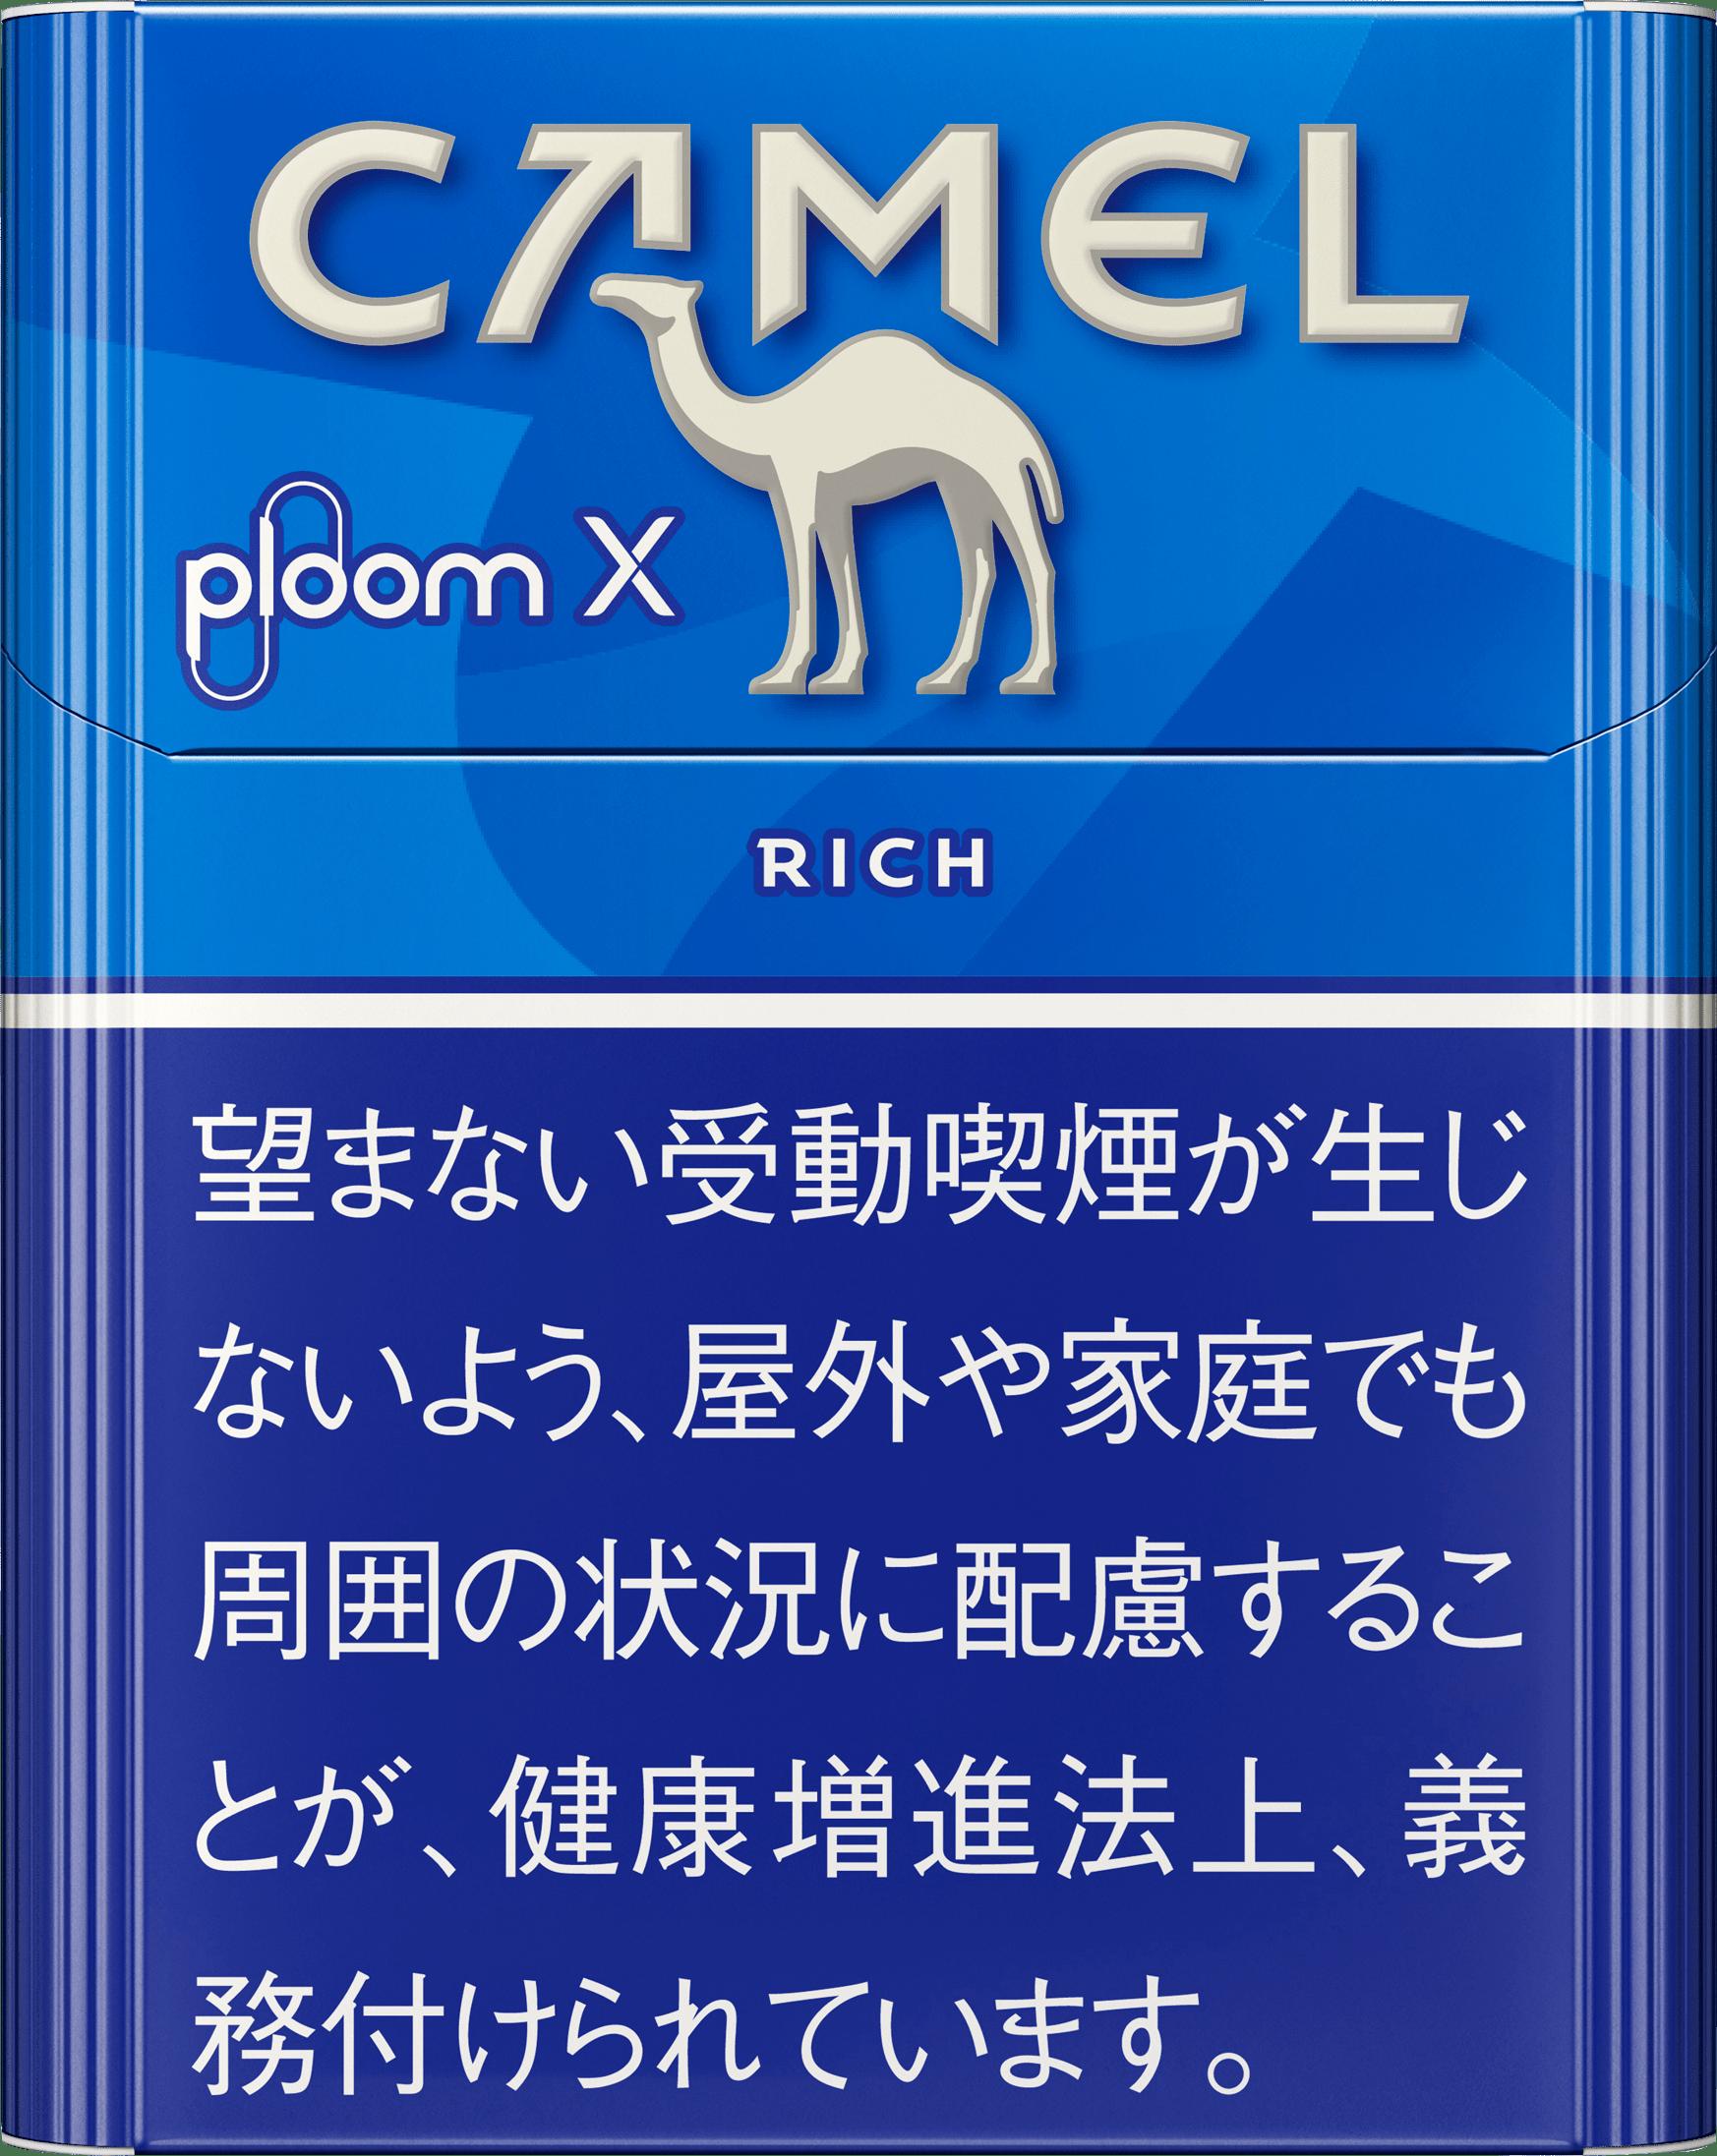 プルームXキャメル・リッチ味フレーバー